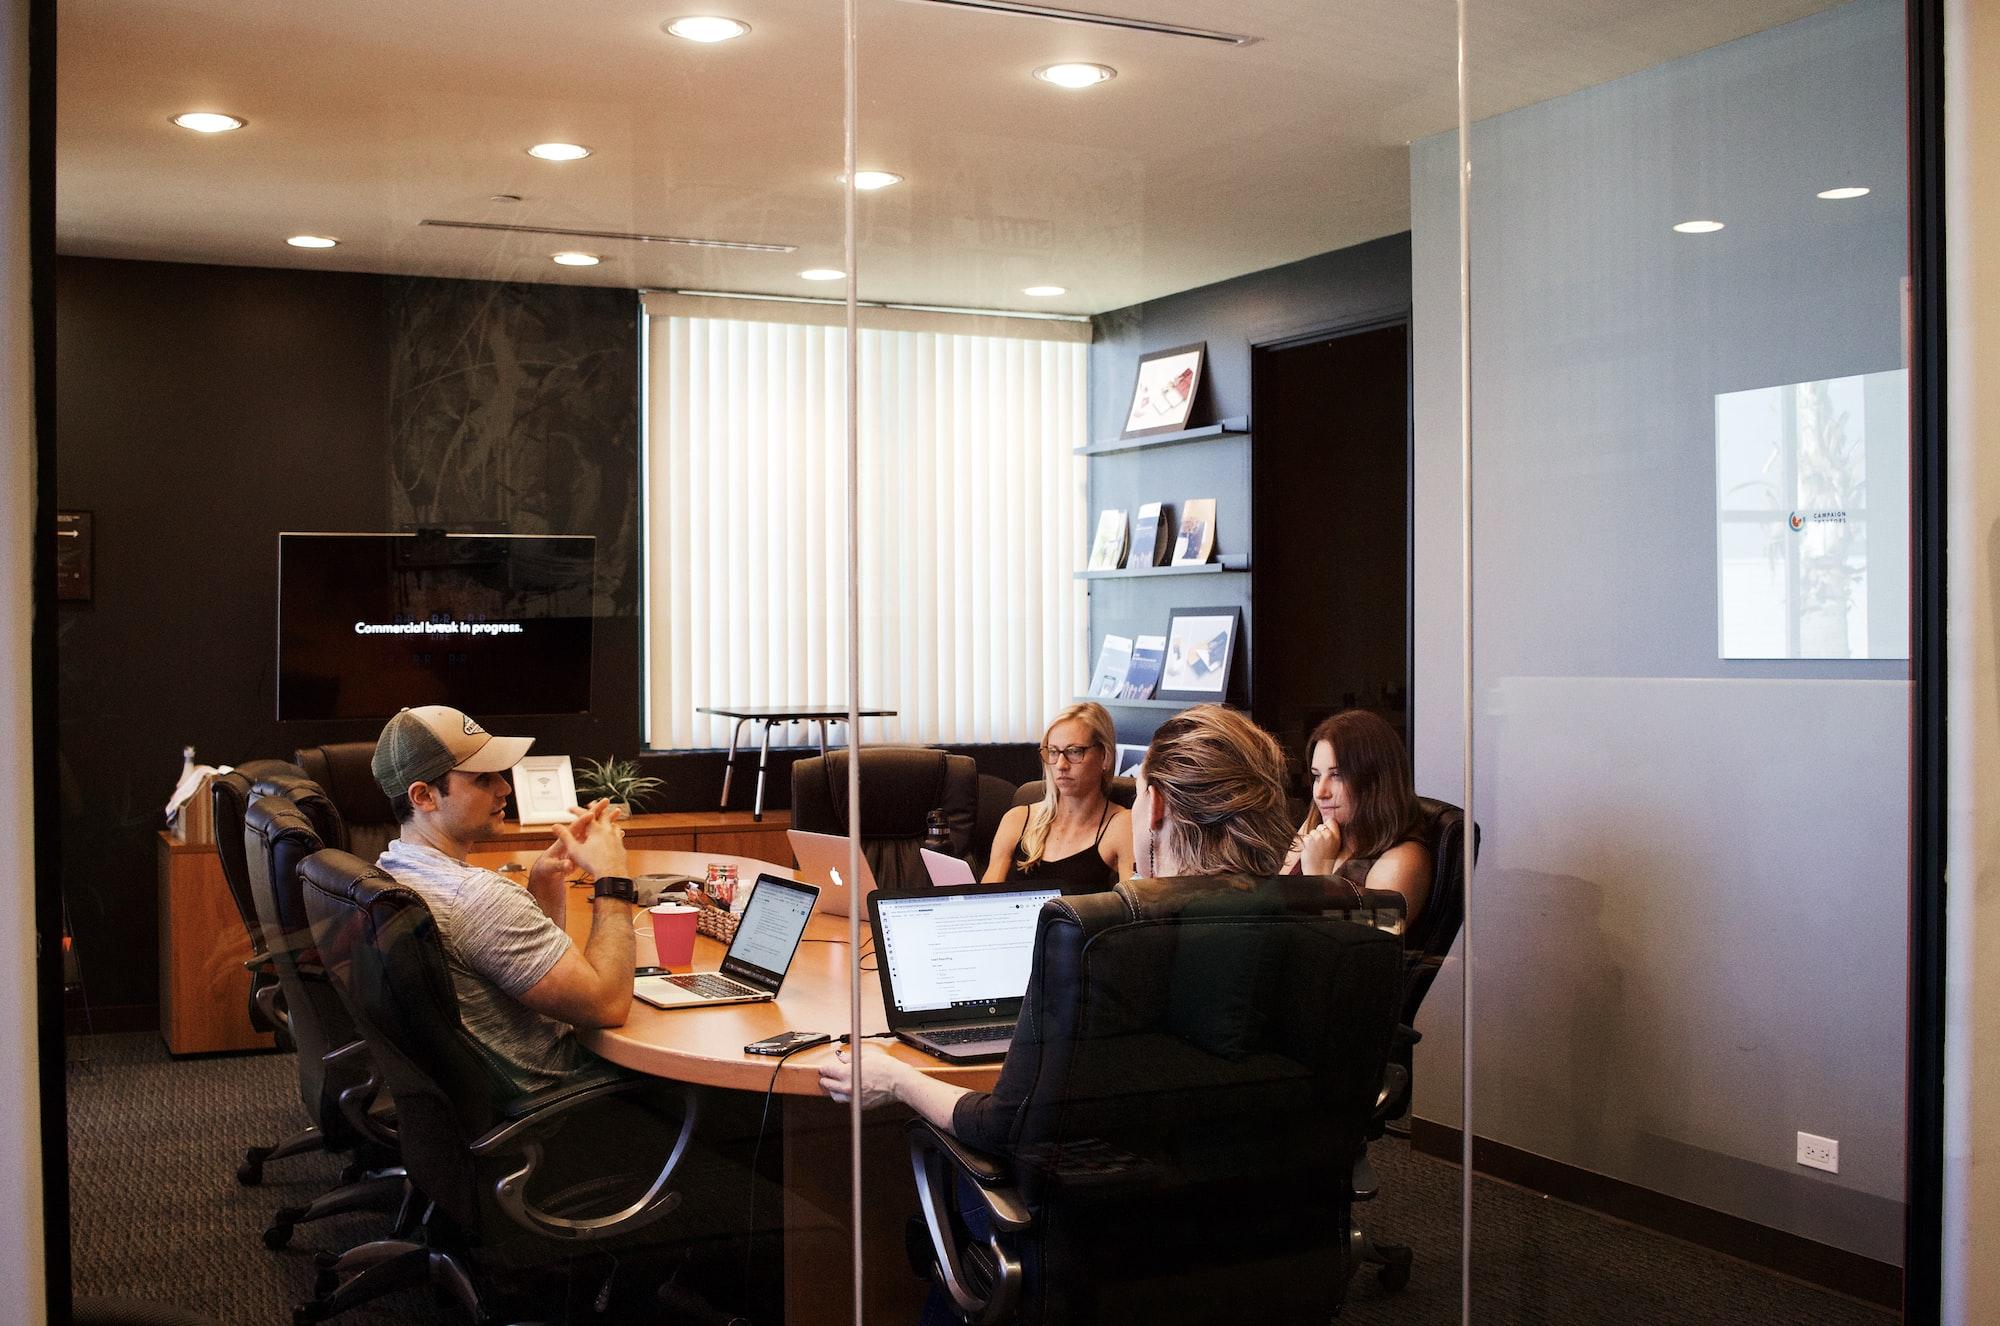 Comment éviter la réunionnite, quelles sont les bonnes pratiques ?